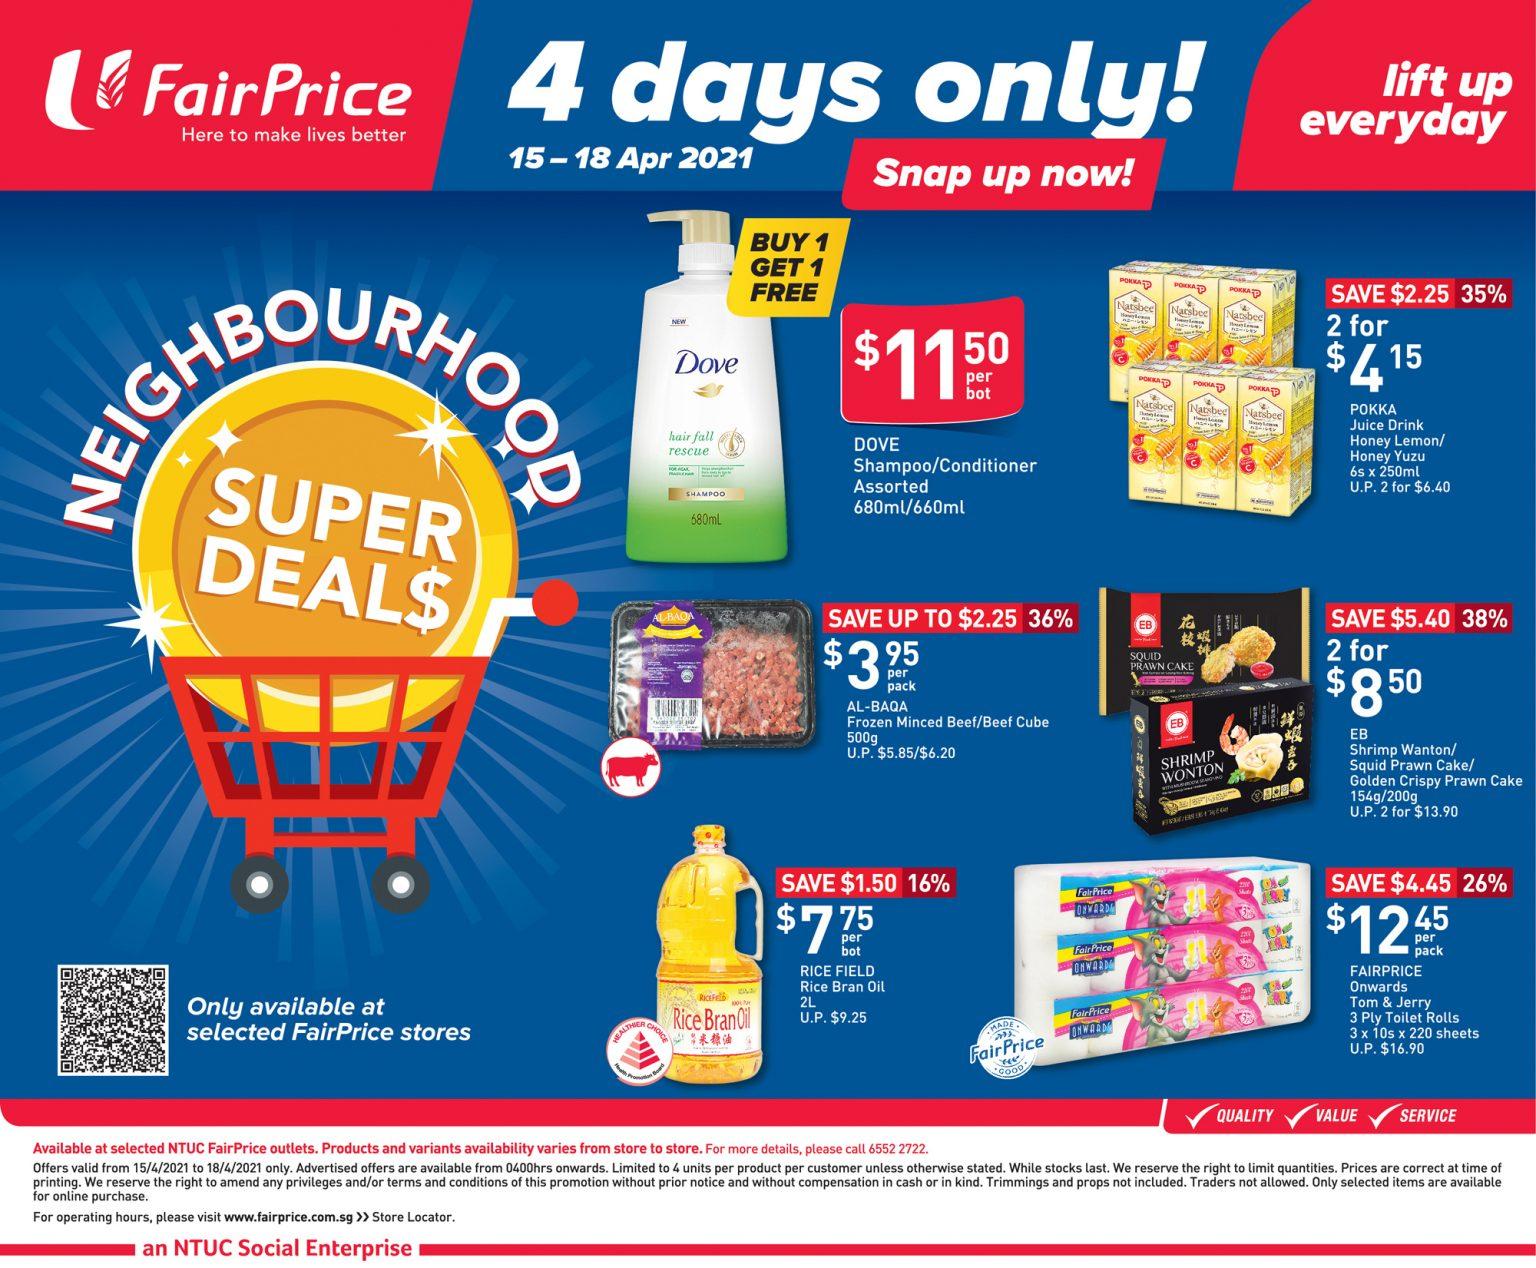 4 days only FairPrice neighbourhood super deals 15 April 2021